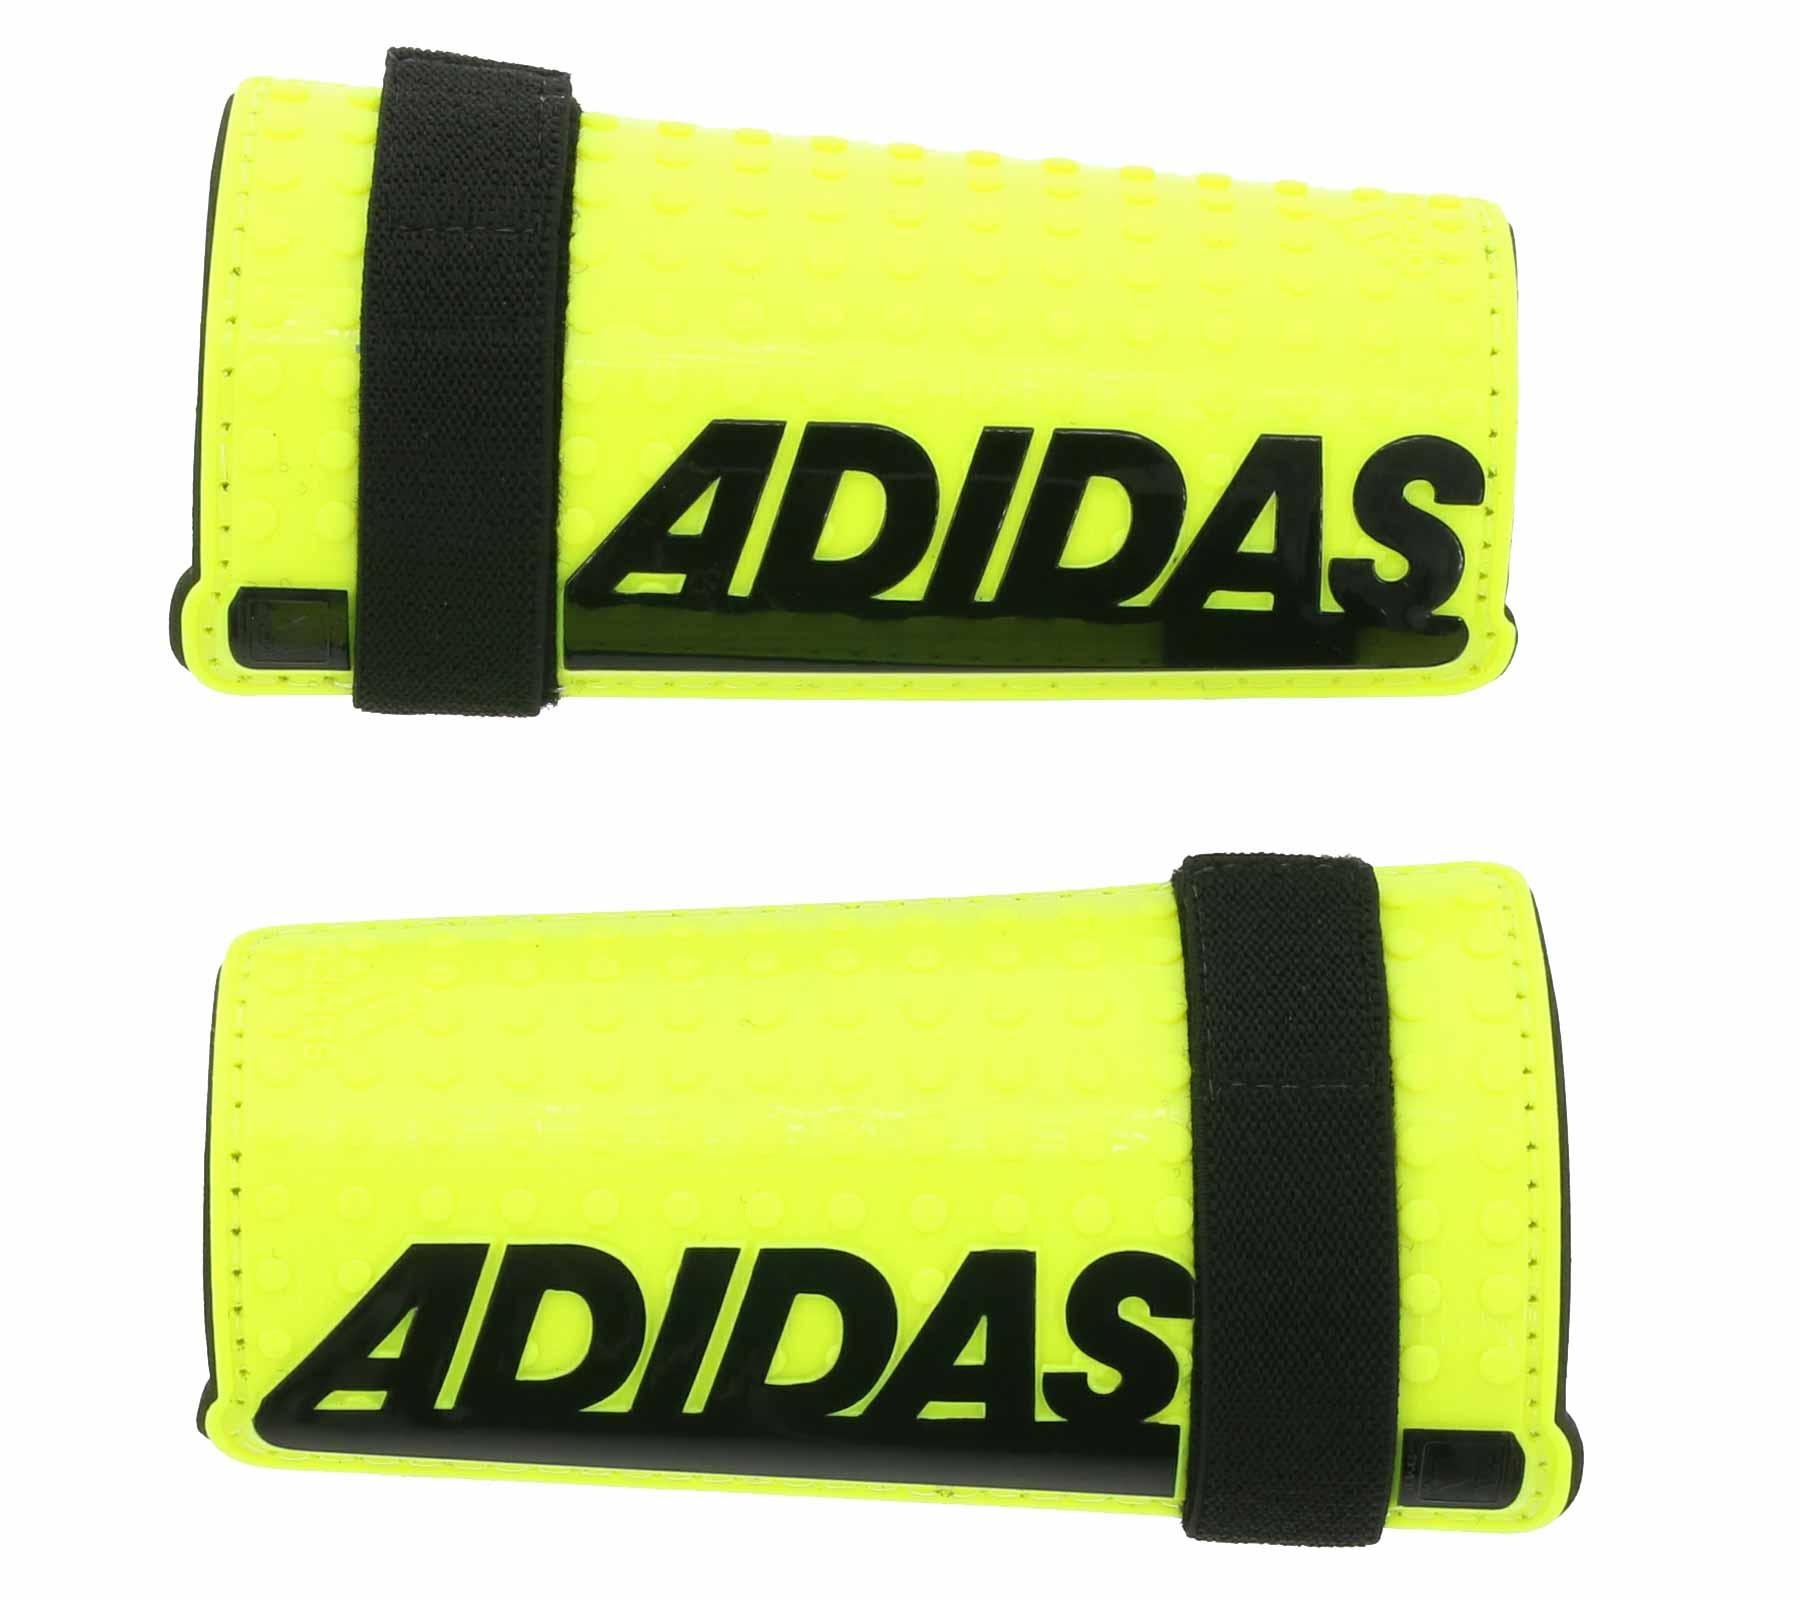 Adidas Schienbeinschoner (2 Modelle)